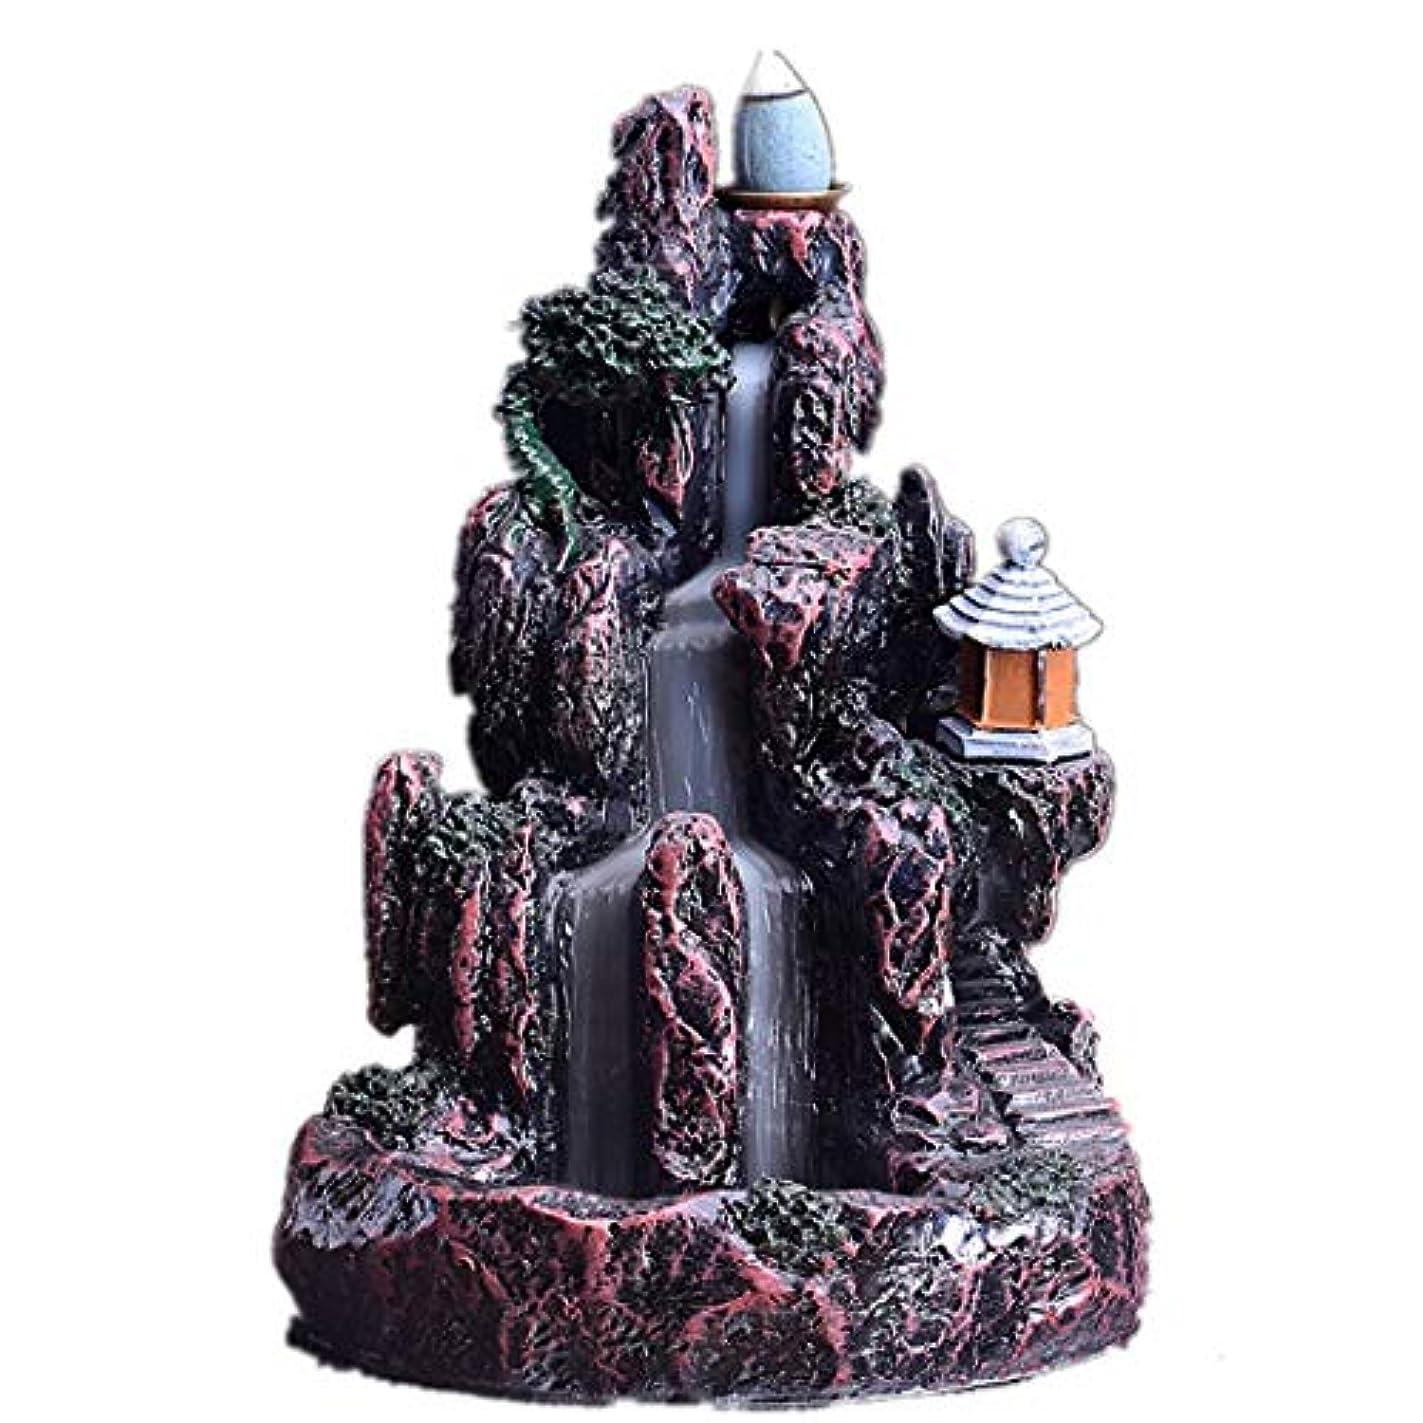 放棄された荒涼とした影響XPPXPP Backflow Incense Burner, Household Ceramic Returning Cone-shaped Candlestick Burner